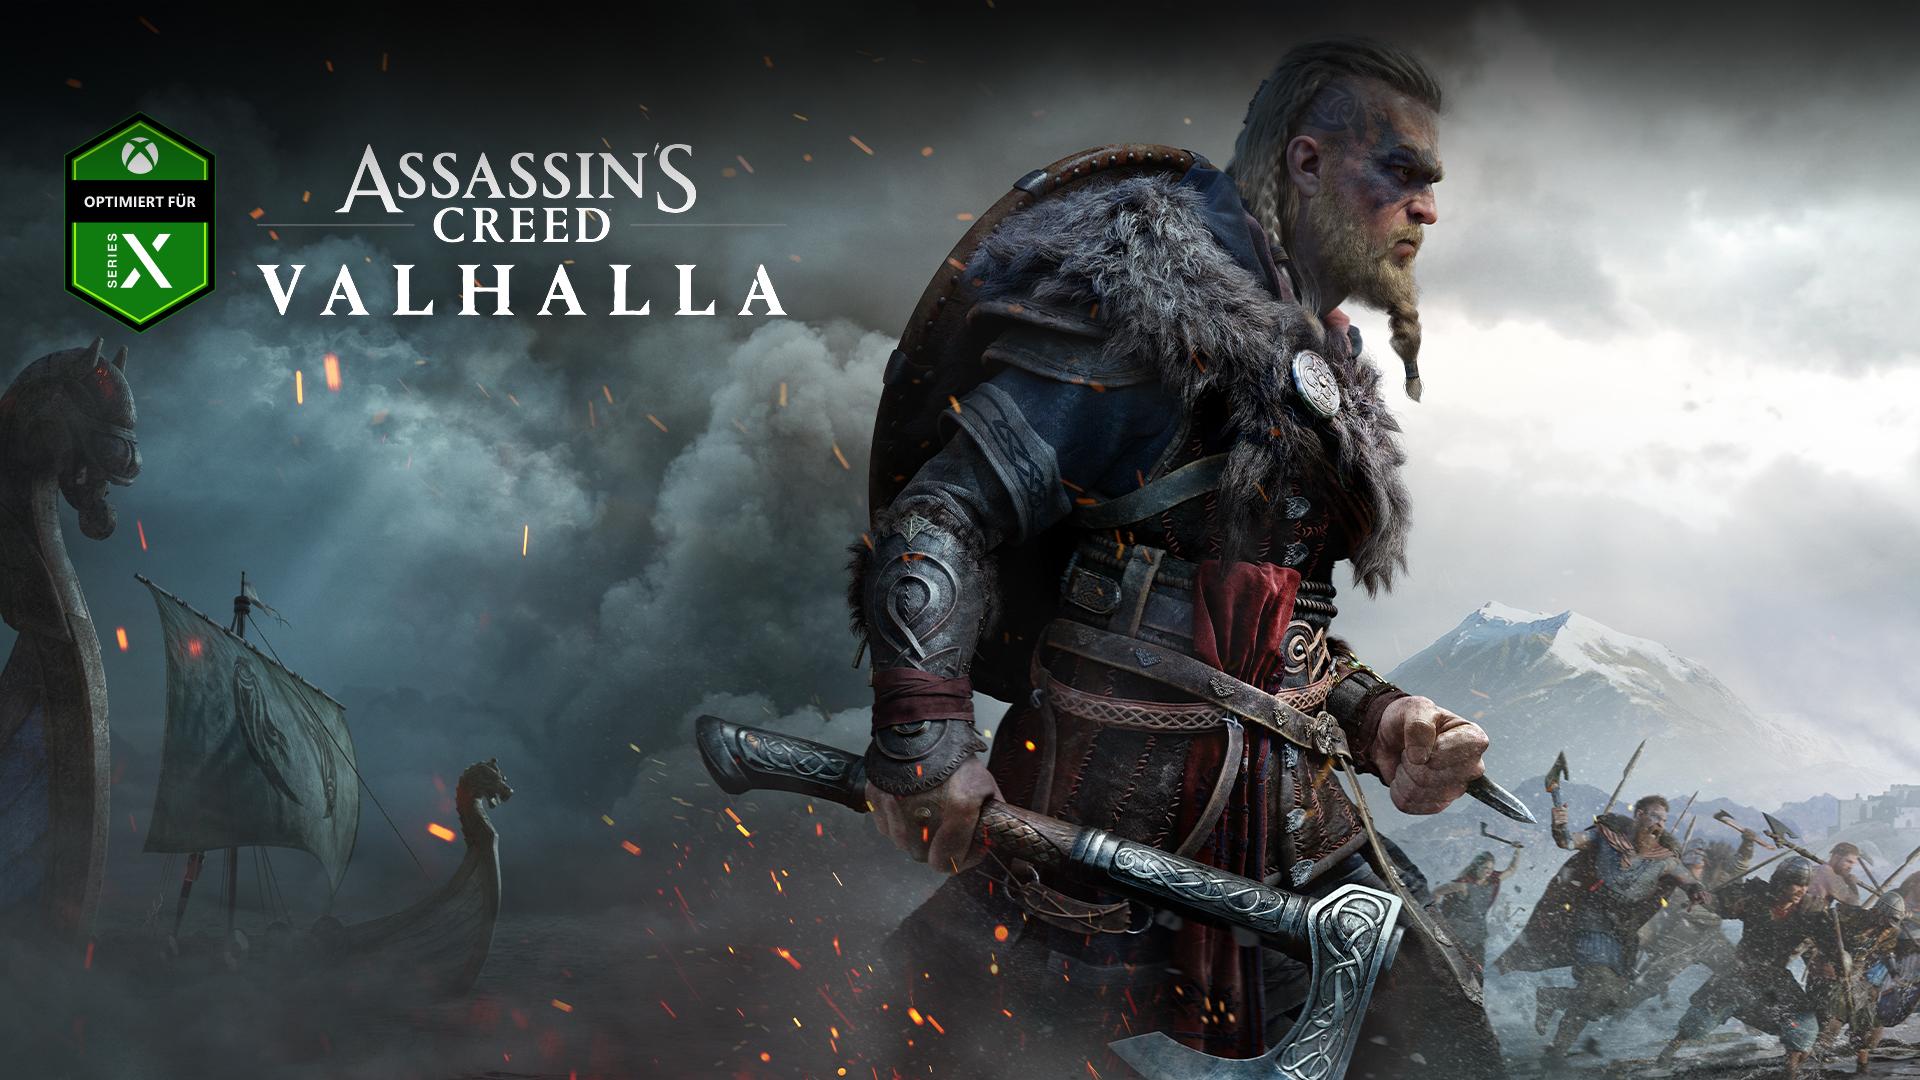 Optimiert für Xbox Series X-Logo, Assassin's Creed Valhalla, Charakter mit einer Axt, Schiffe im Nebel und eine Schlacht